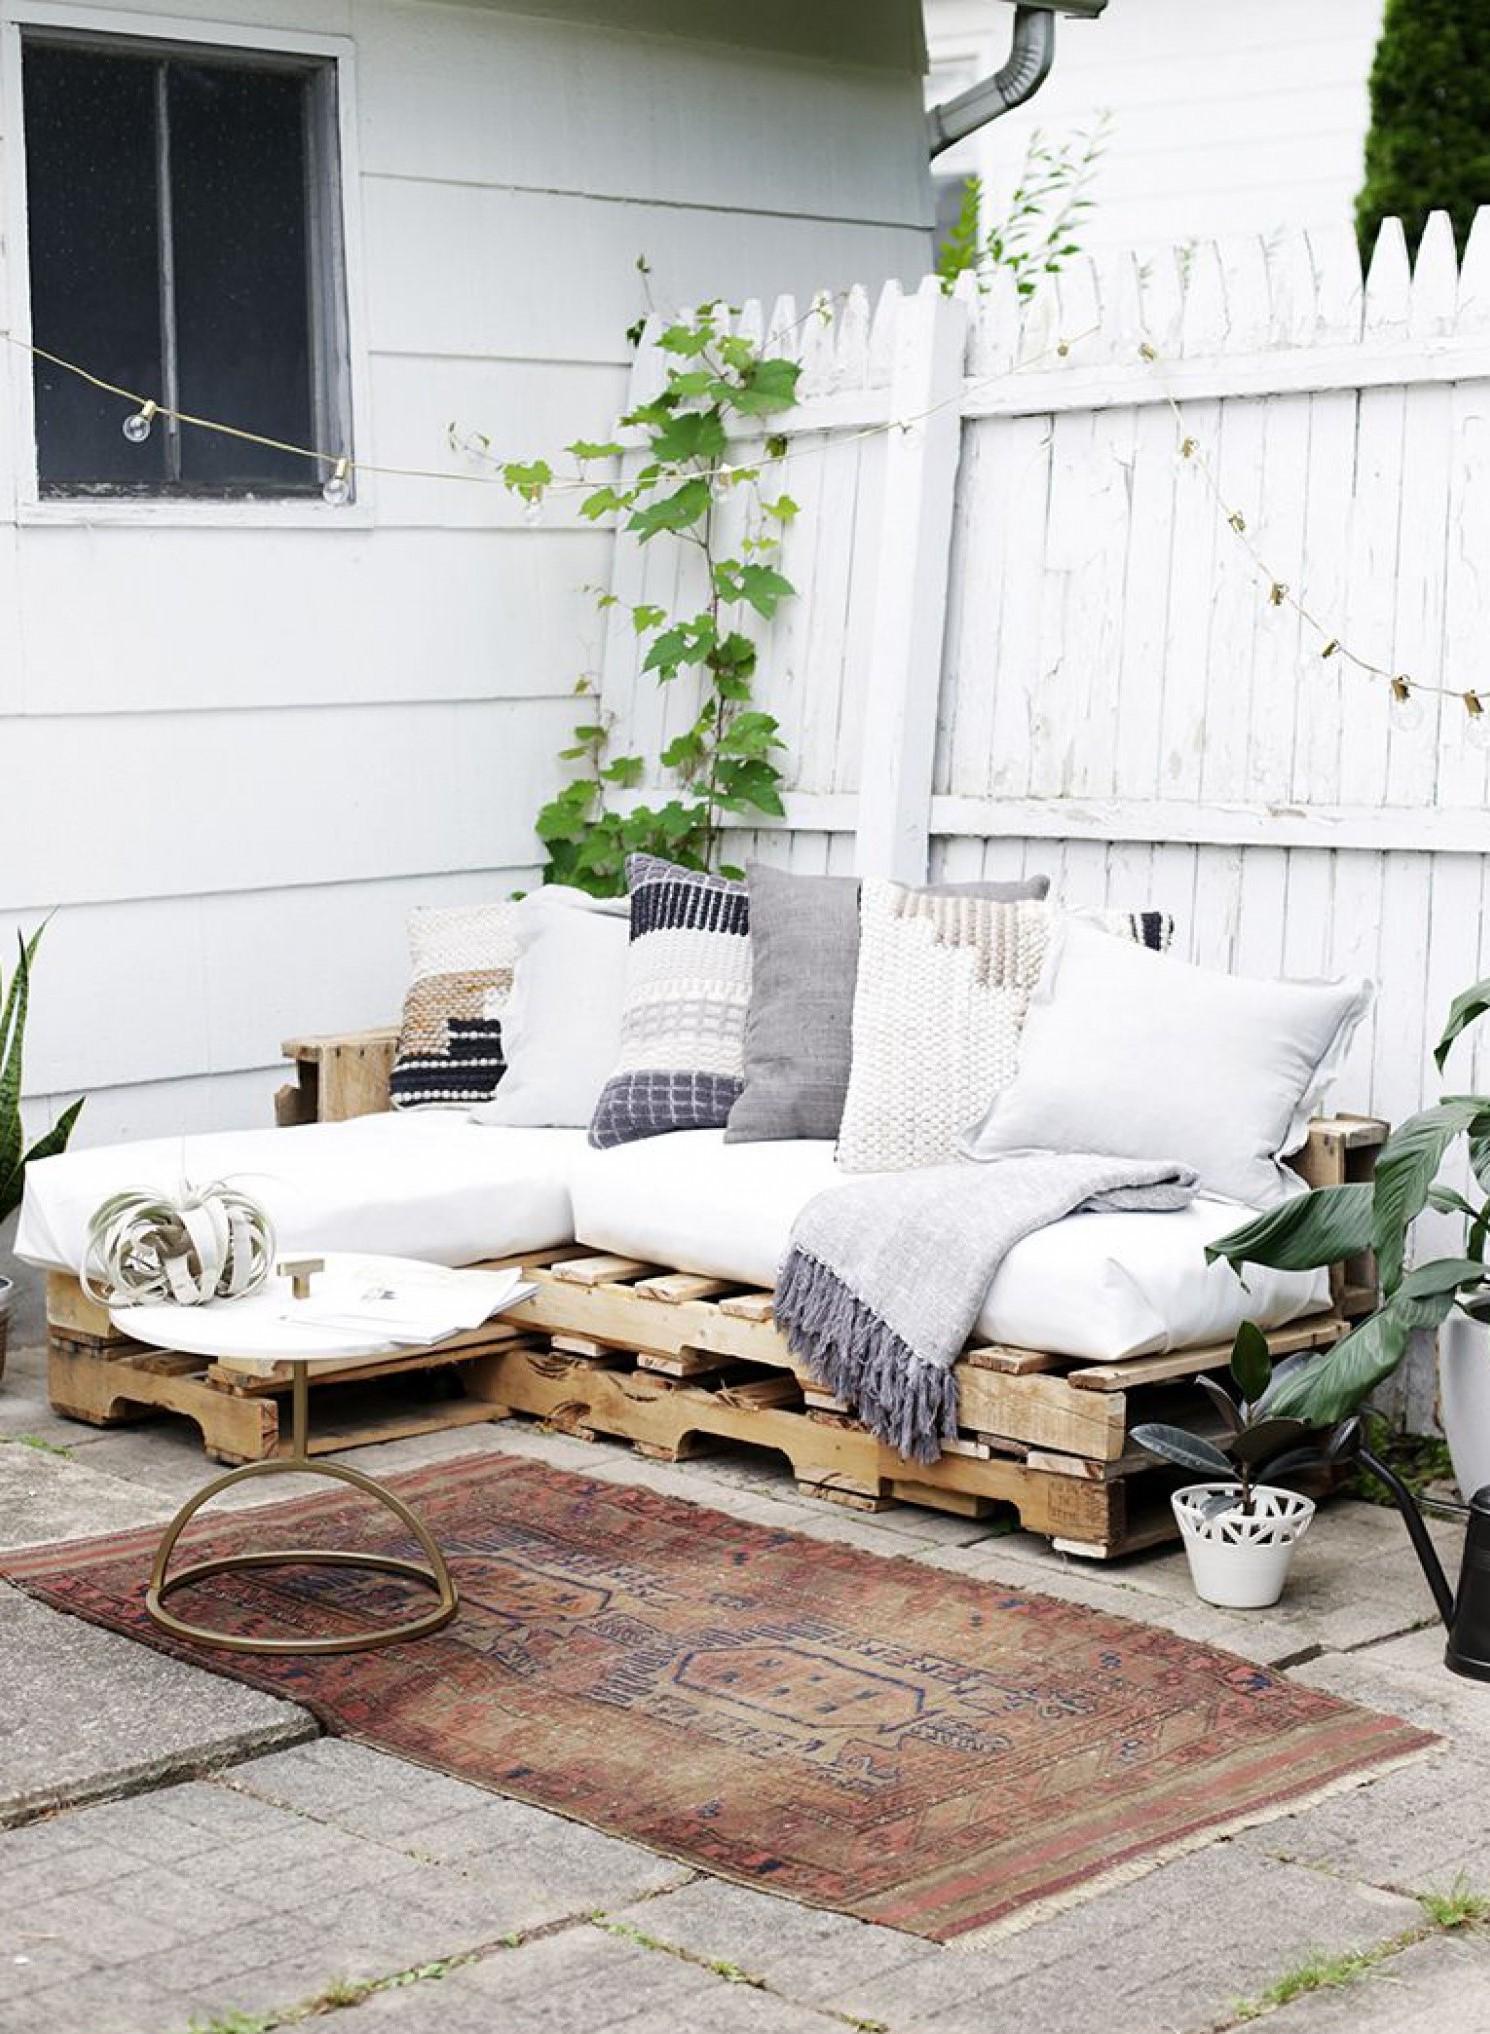 Projet bricolage facile - canapé pour votre jardin.